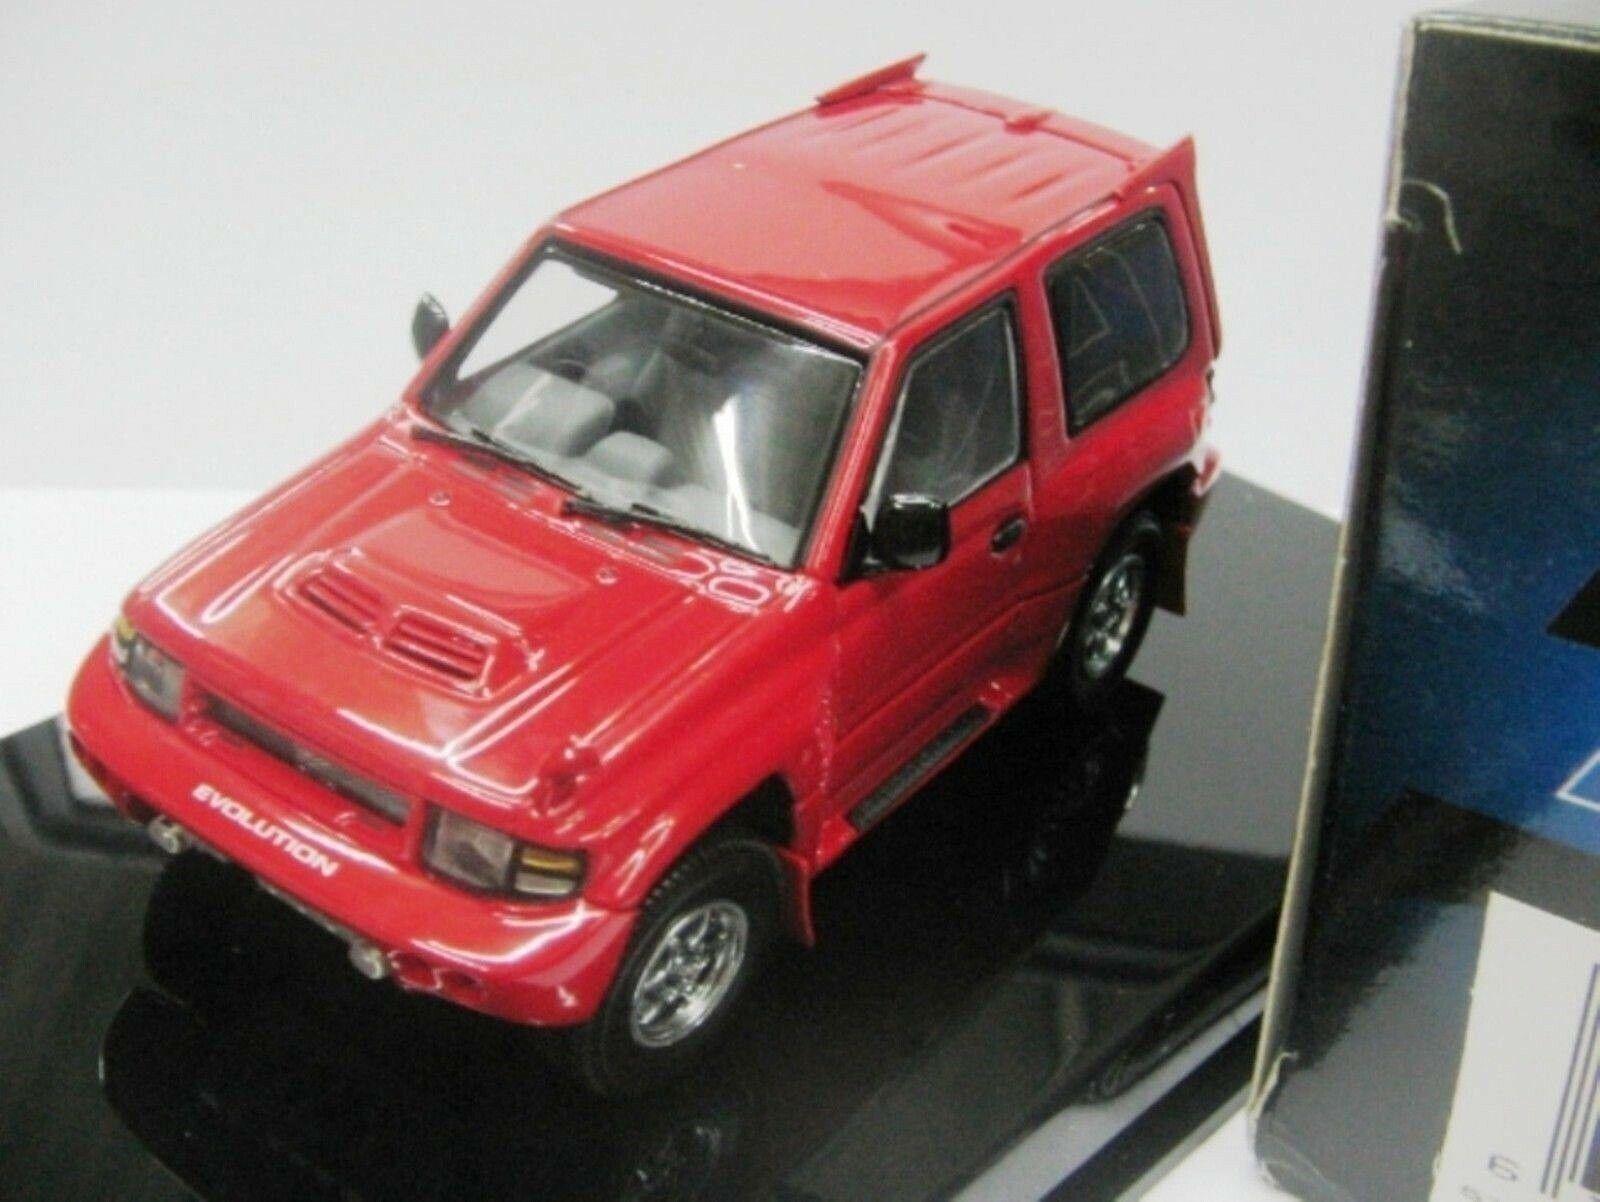 WOW EXTREMELY RARE Mitsubishi Pajero Evo RHD Red 1 43 AutoArt-Minichamps Makinen